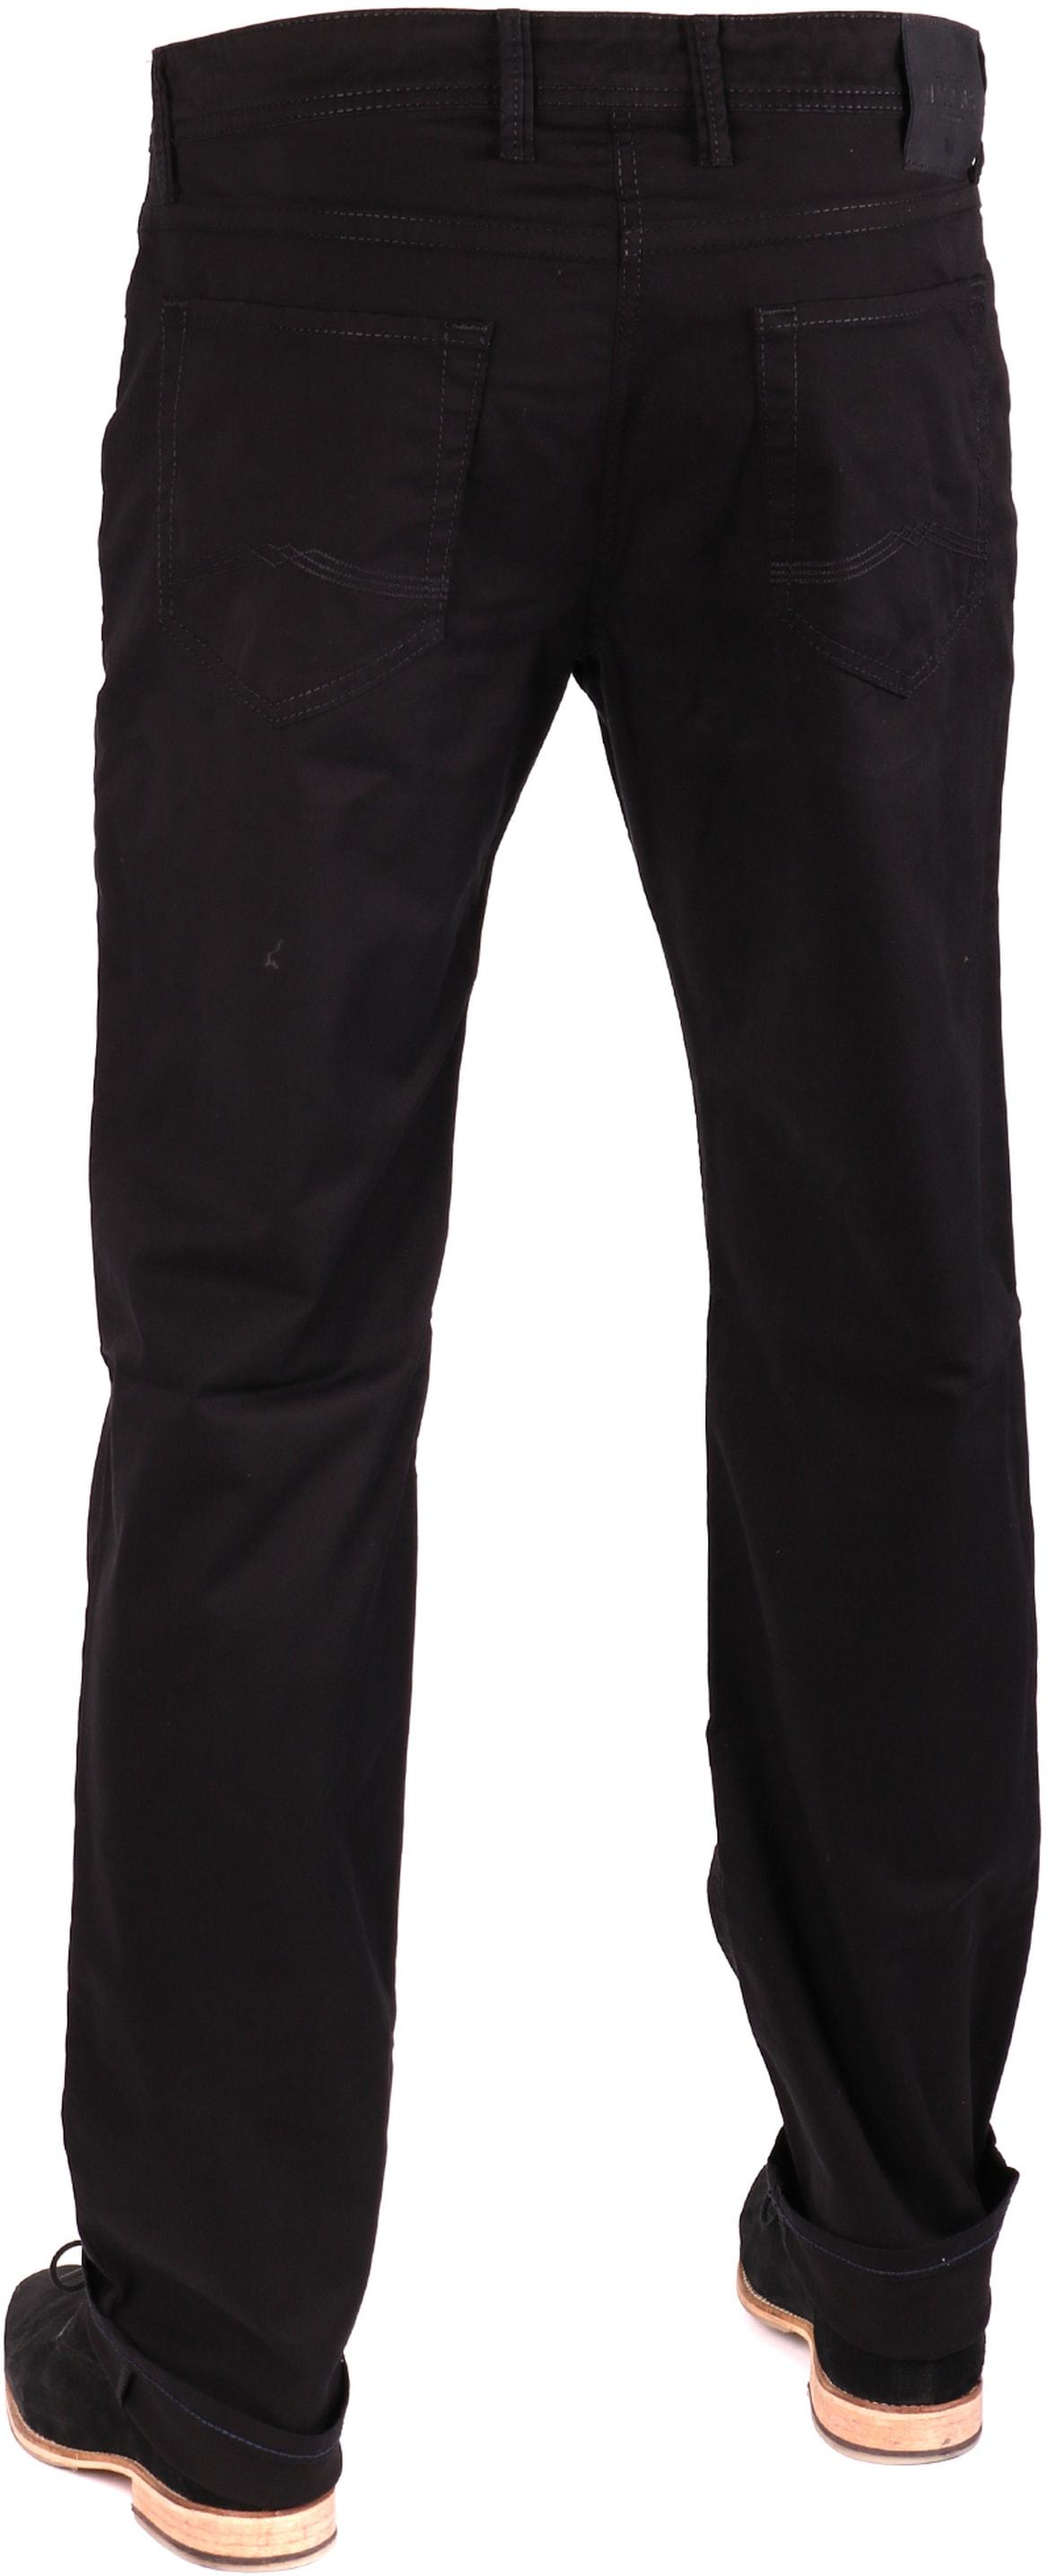 Mac Trousers Ben Black photo 2